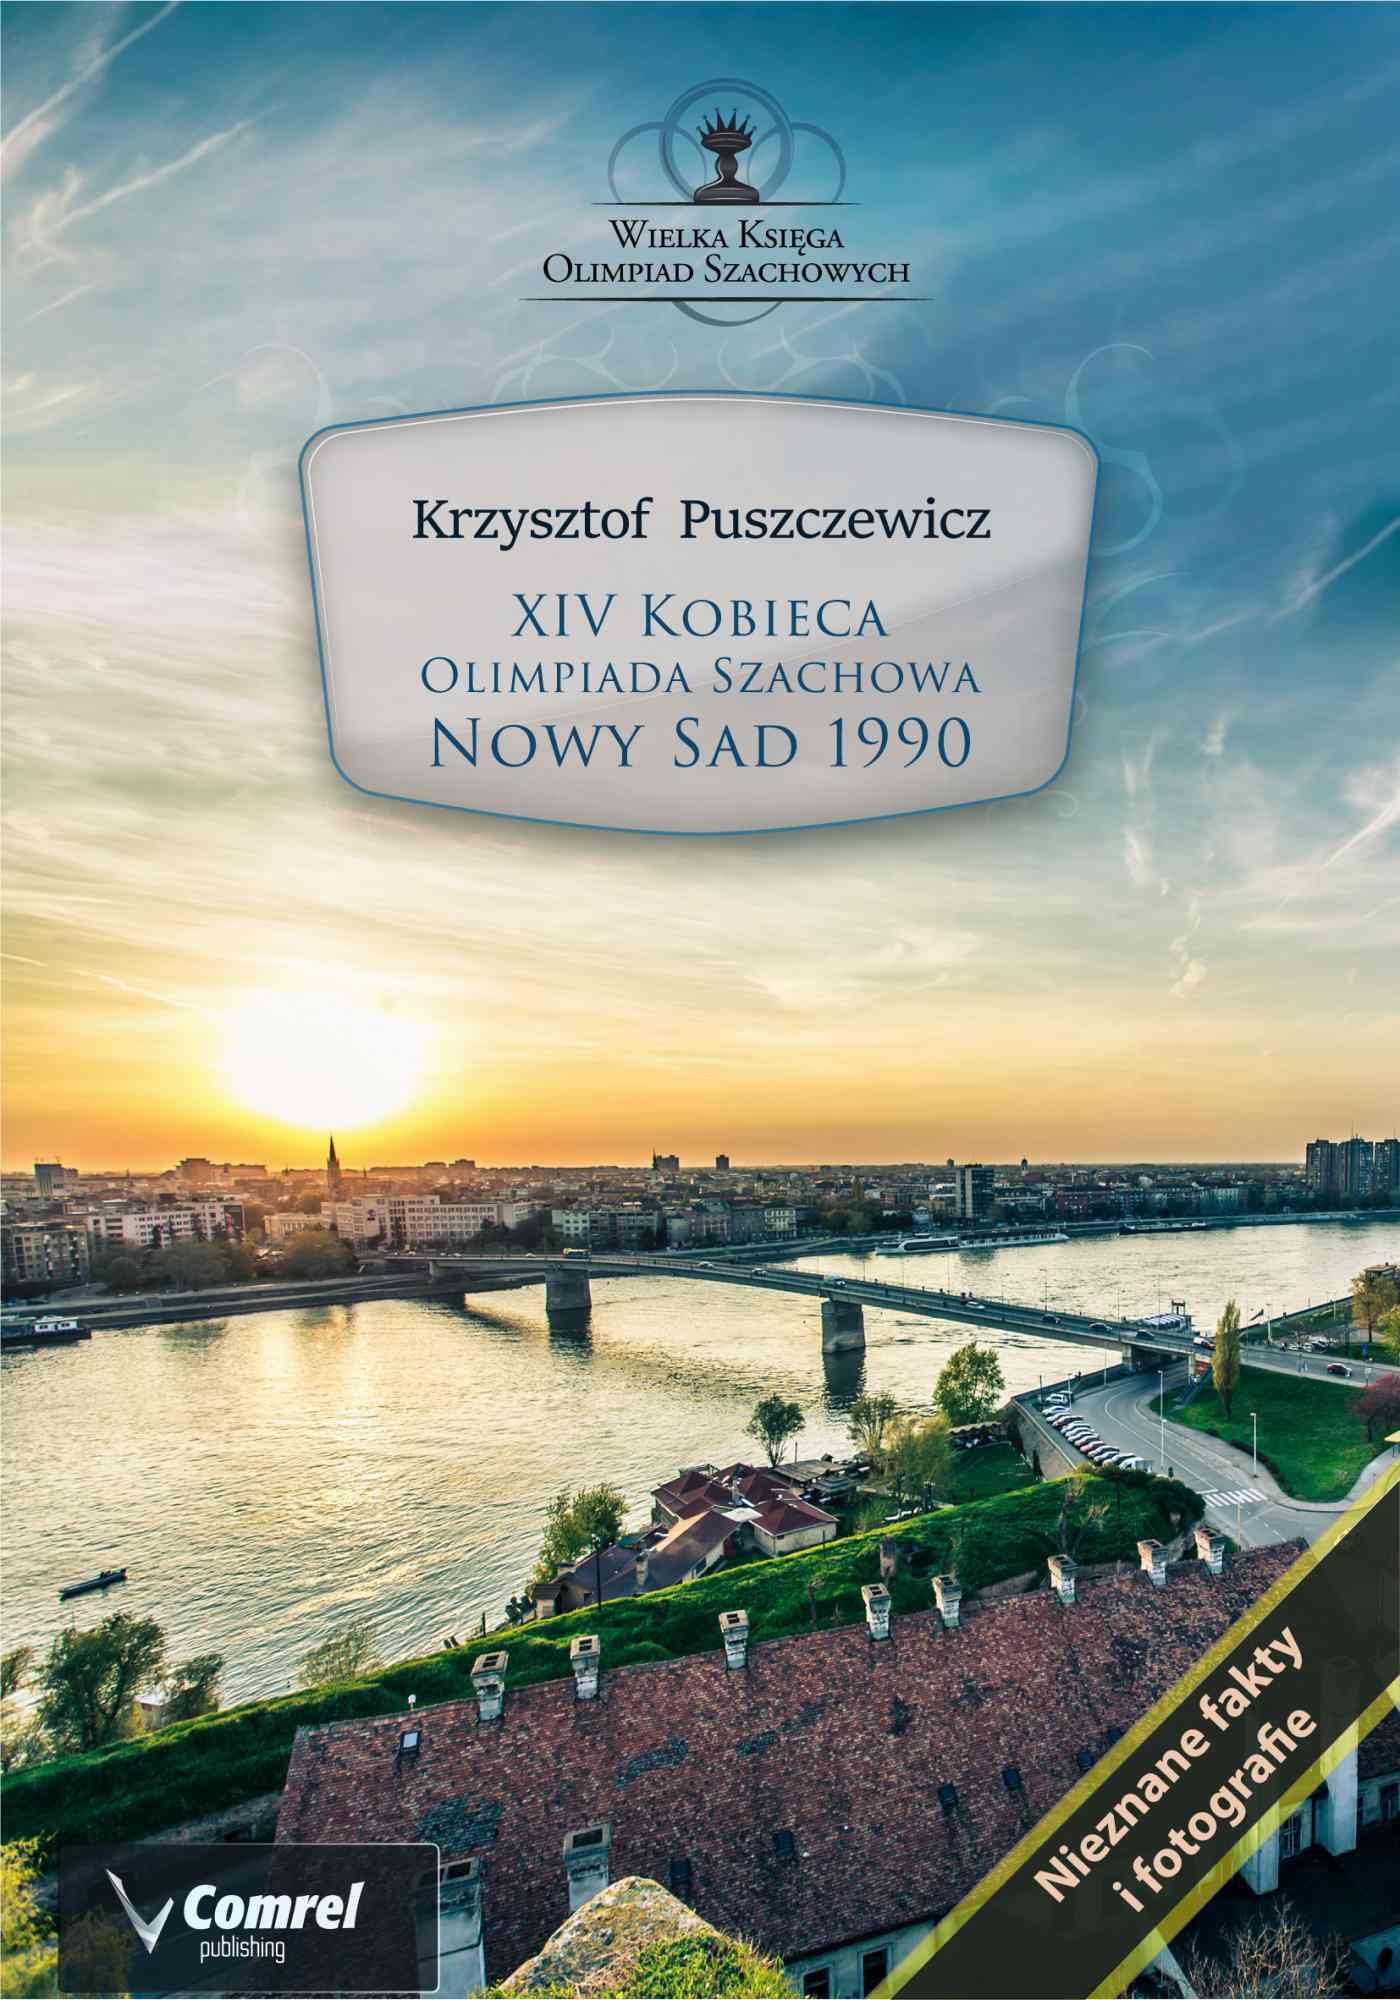 XIV Kobieca Olimpiada Szachowa - Nowy Sad 1990 - Ebook (Książka PDF) do pobrania w formacie PDF